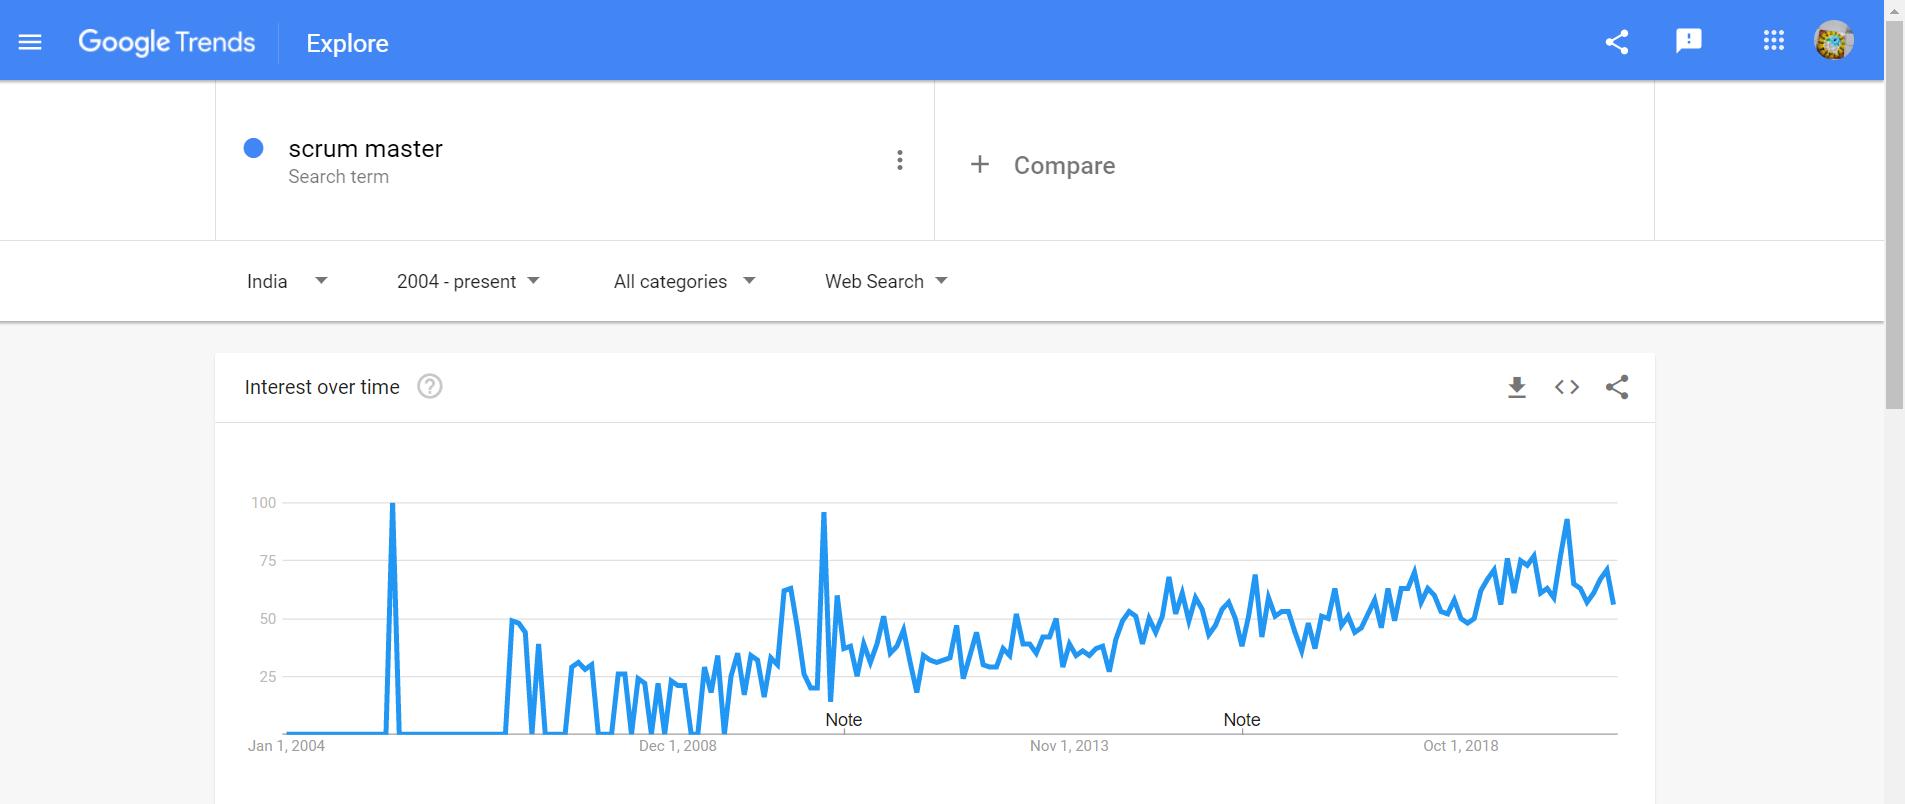 scrum master google trend